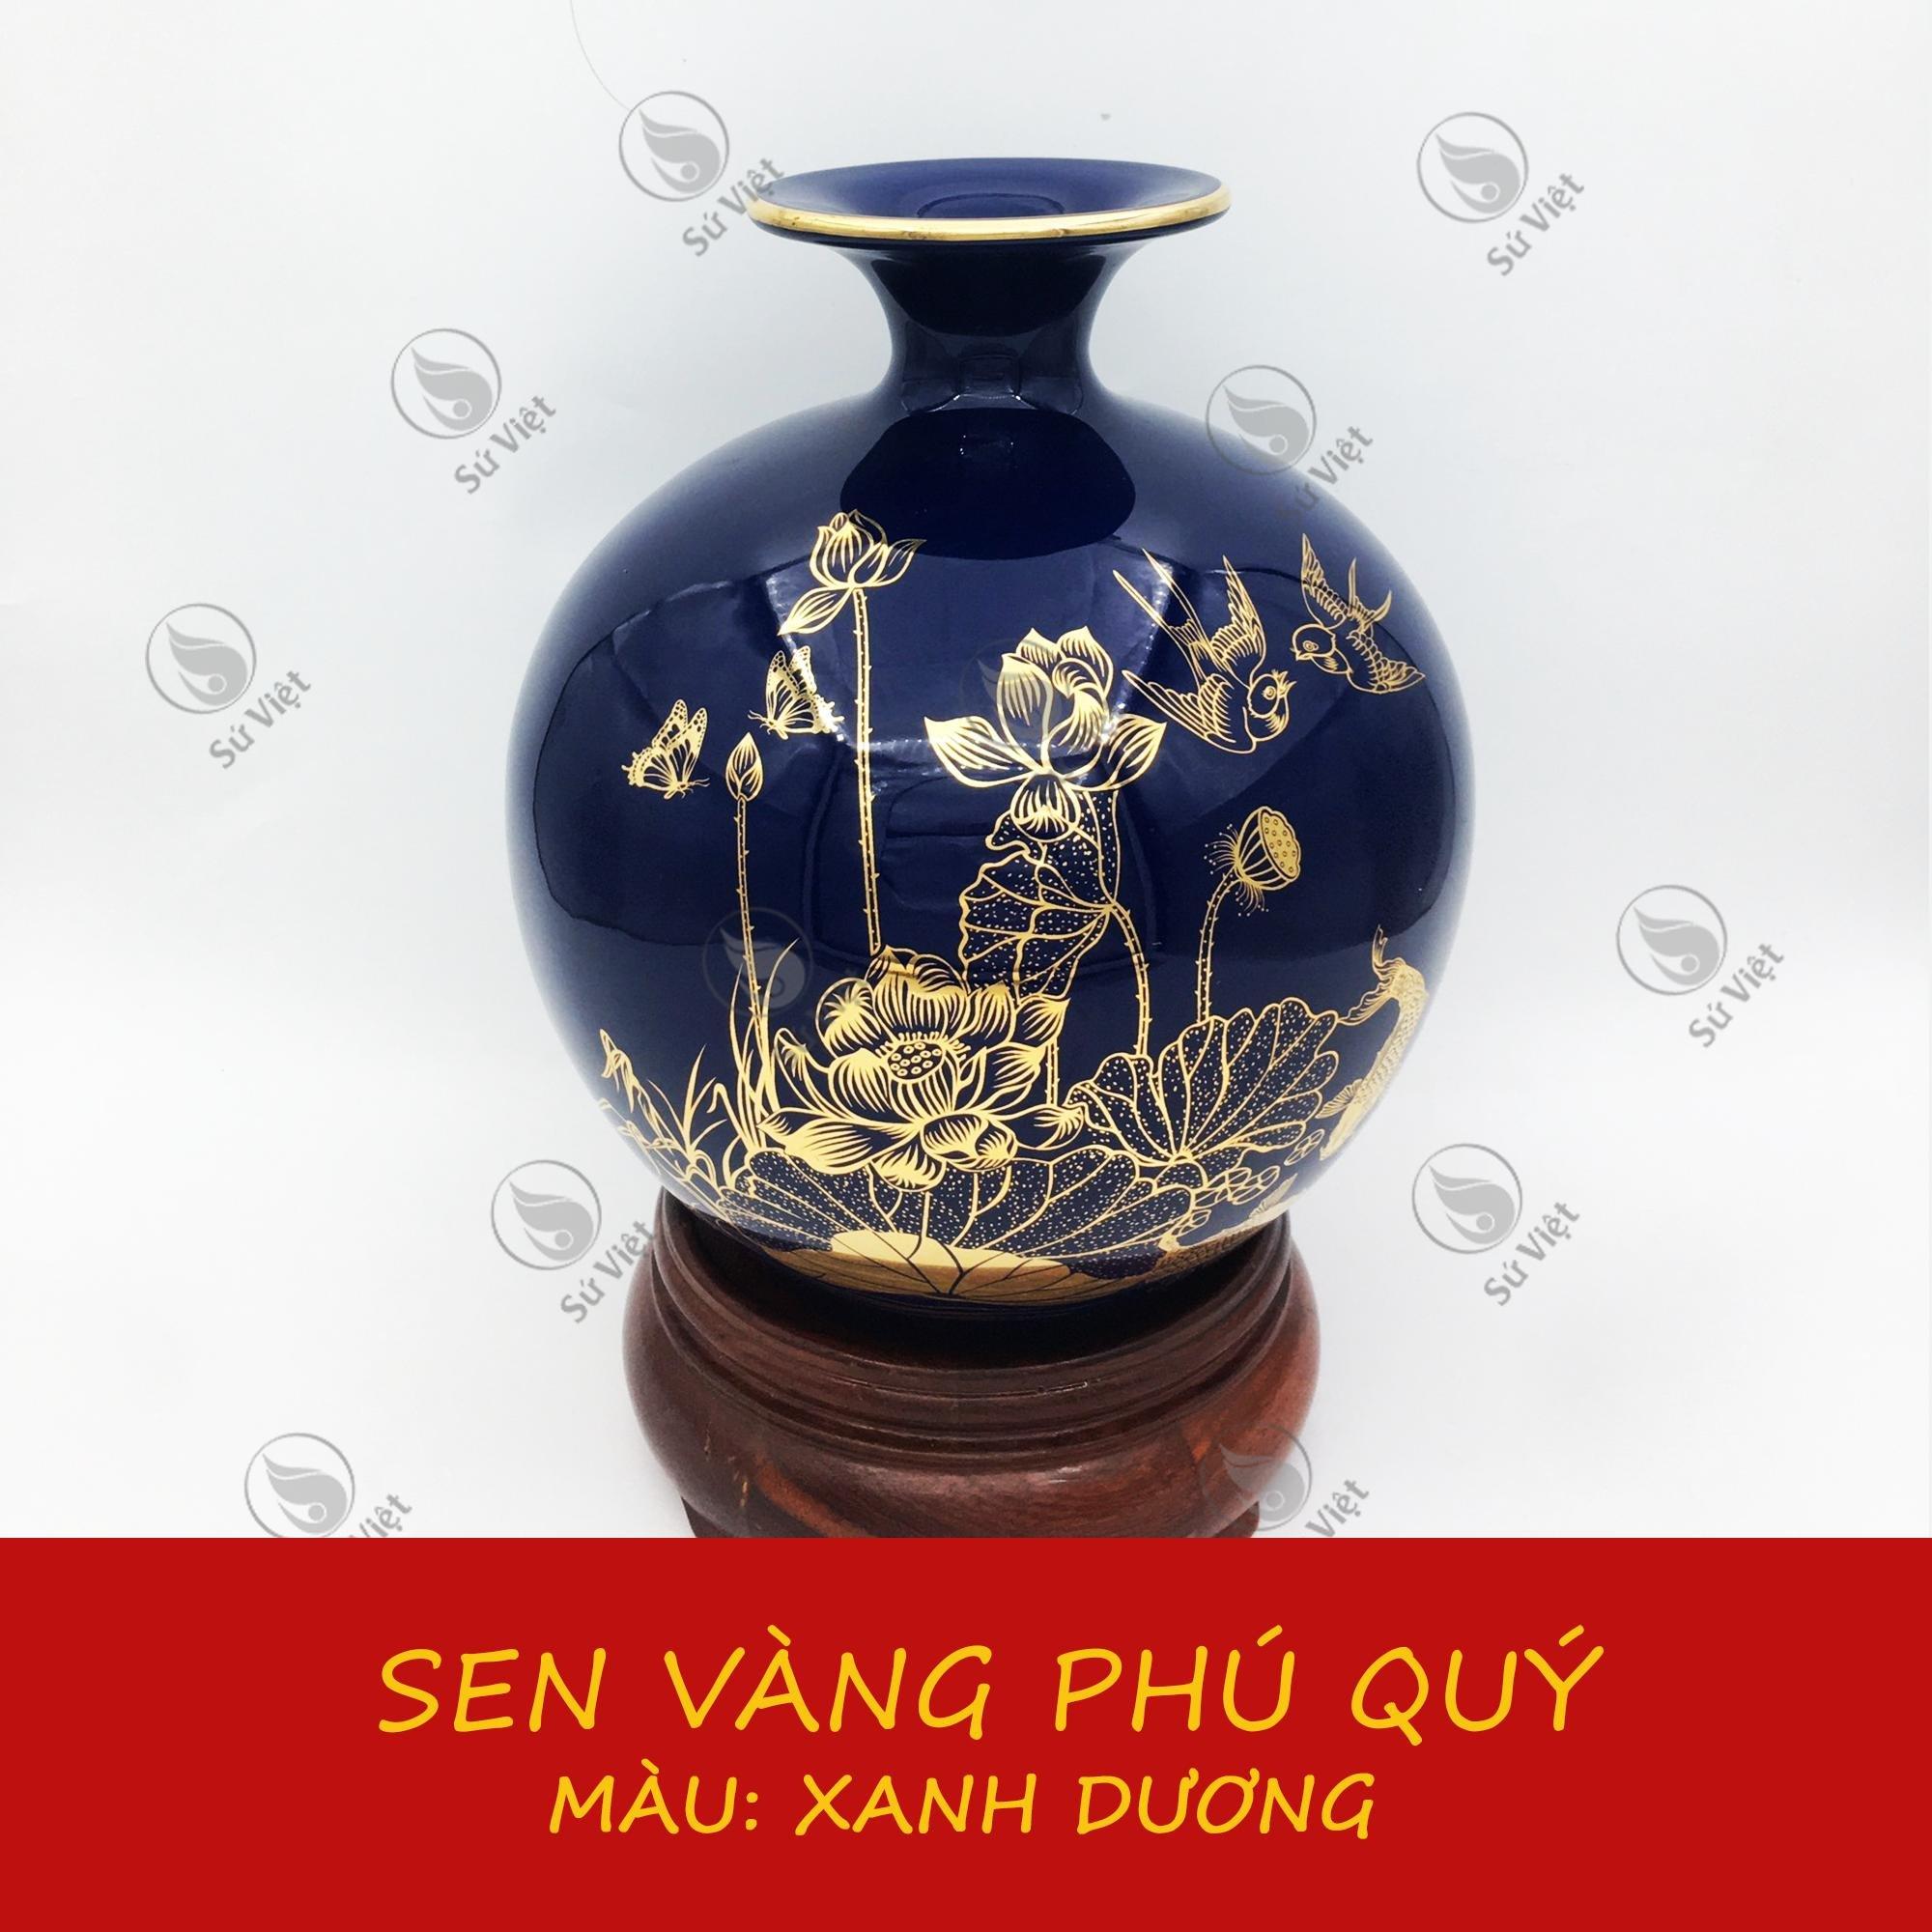 Bình Hút Lộc Vẽ Vàng Bát Tràng Sen Vàng Phú Quý